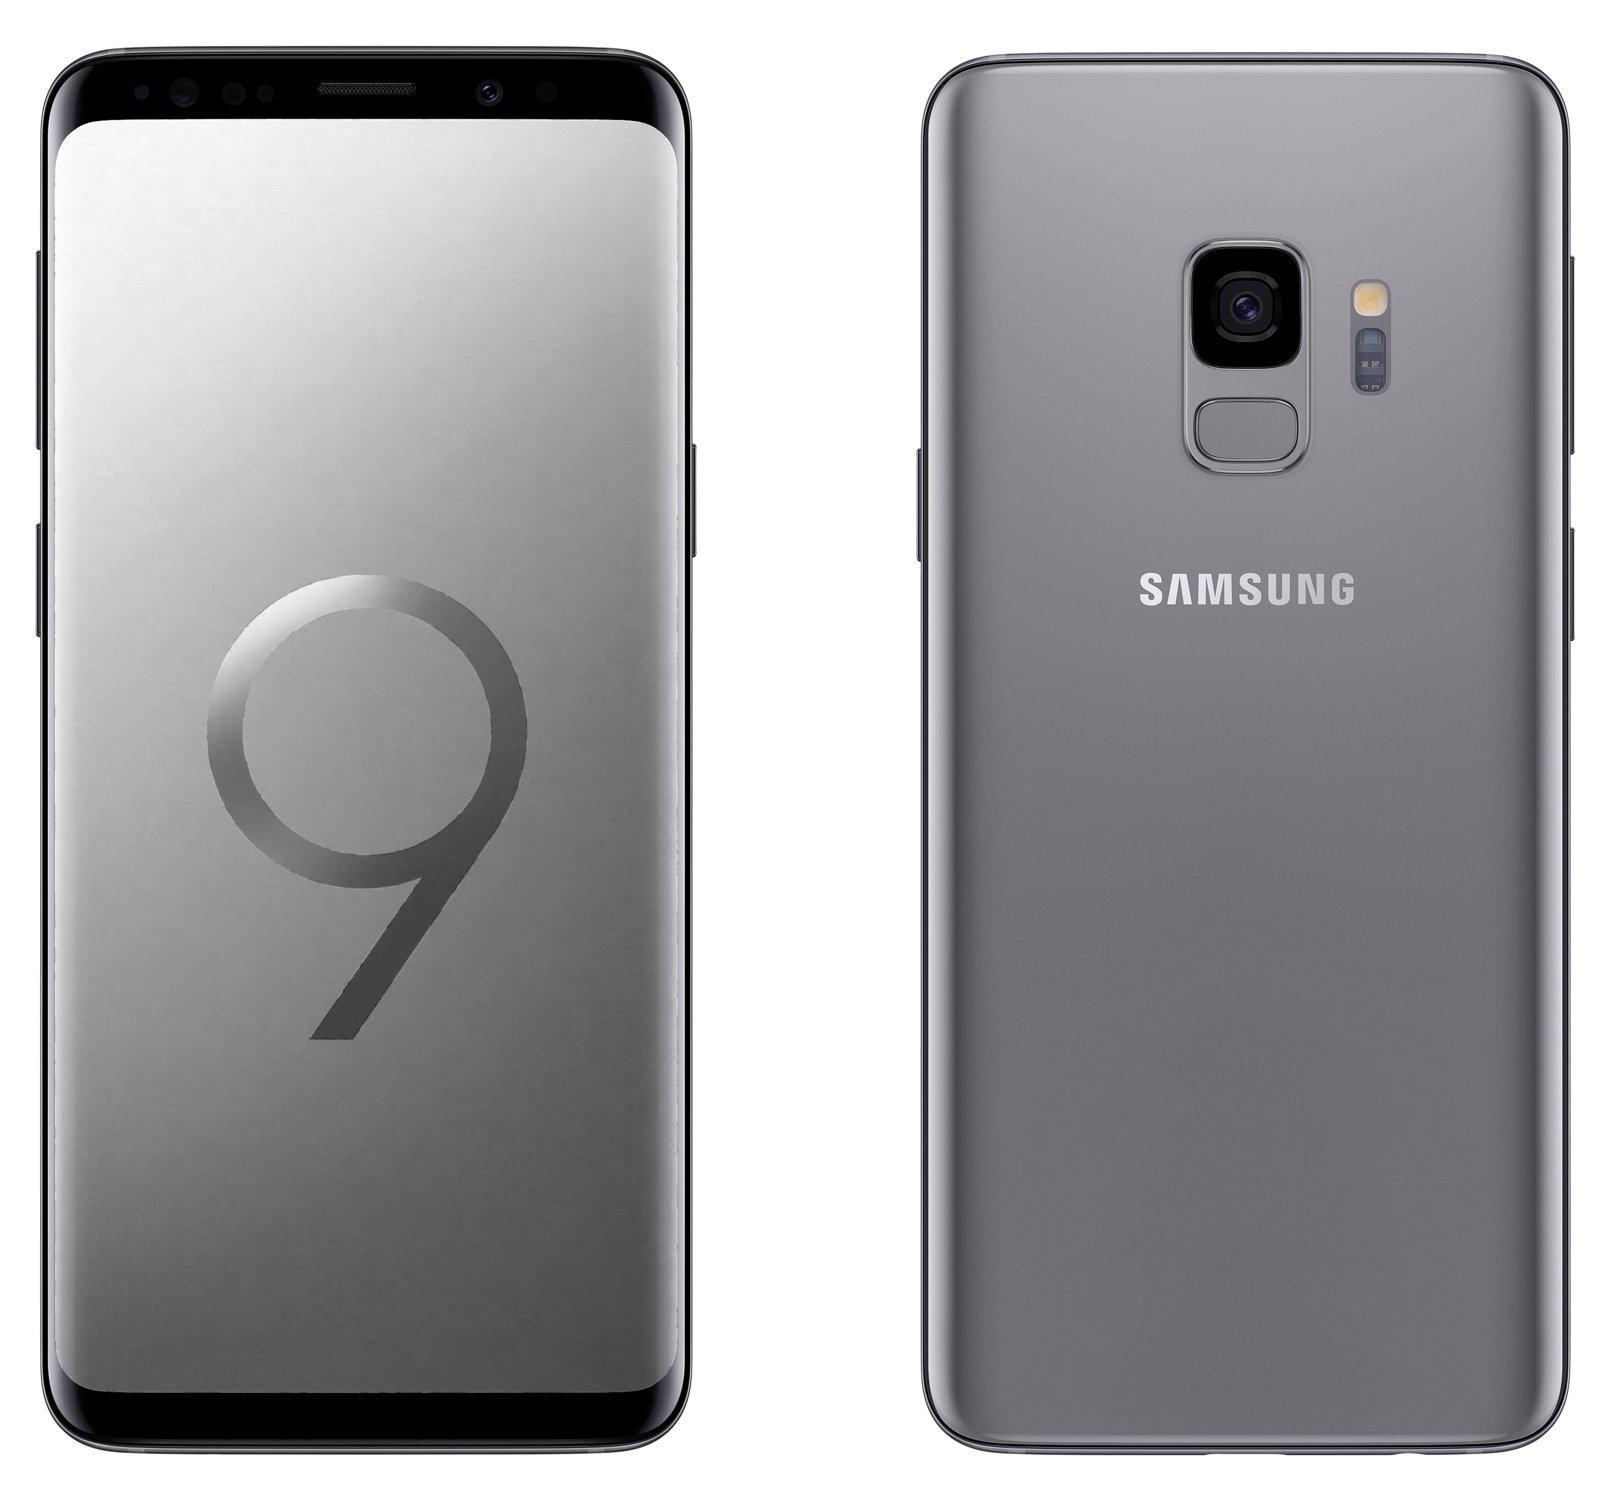 Рассекречено целиком: полные спецификации Samsung galaxy S9